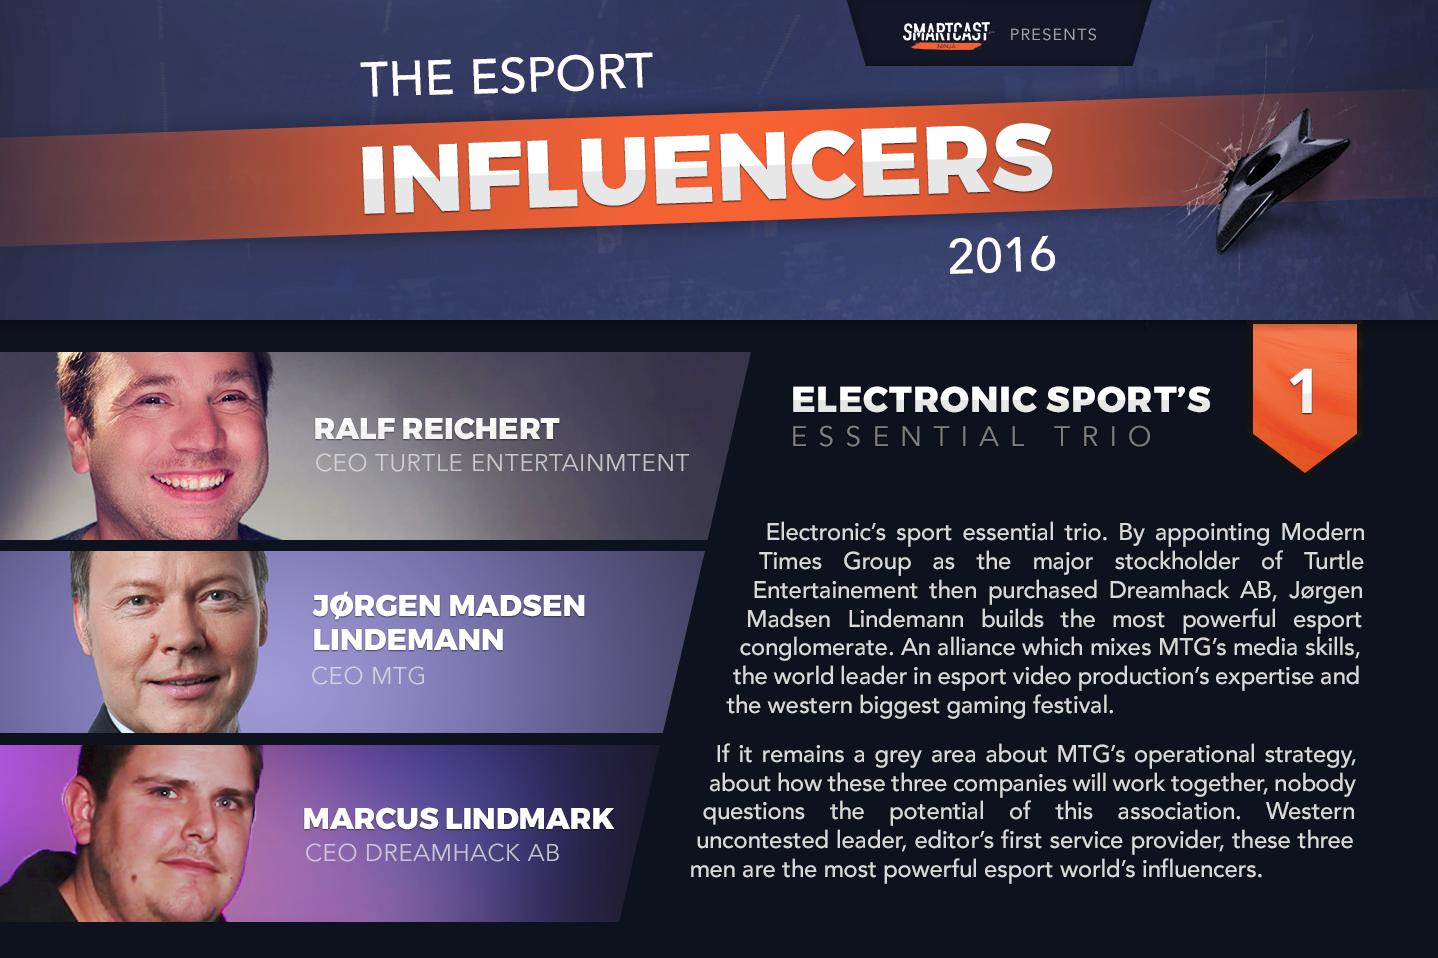 smartcast-influencer-esport-1-reichert_lindemann_ohlen-en